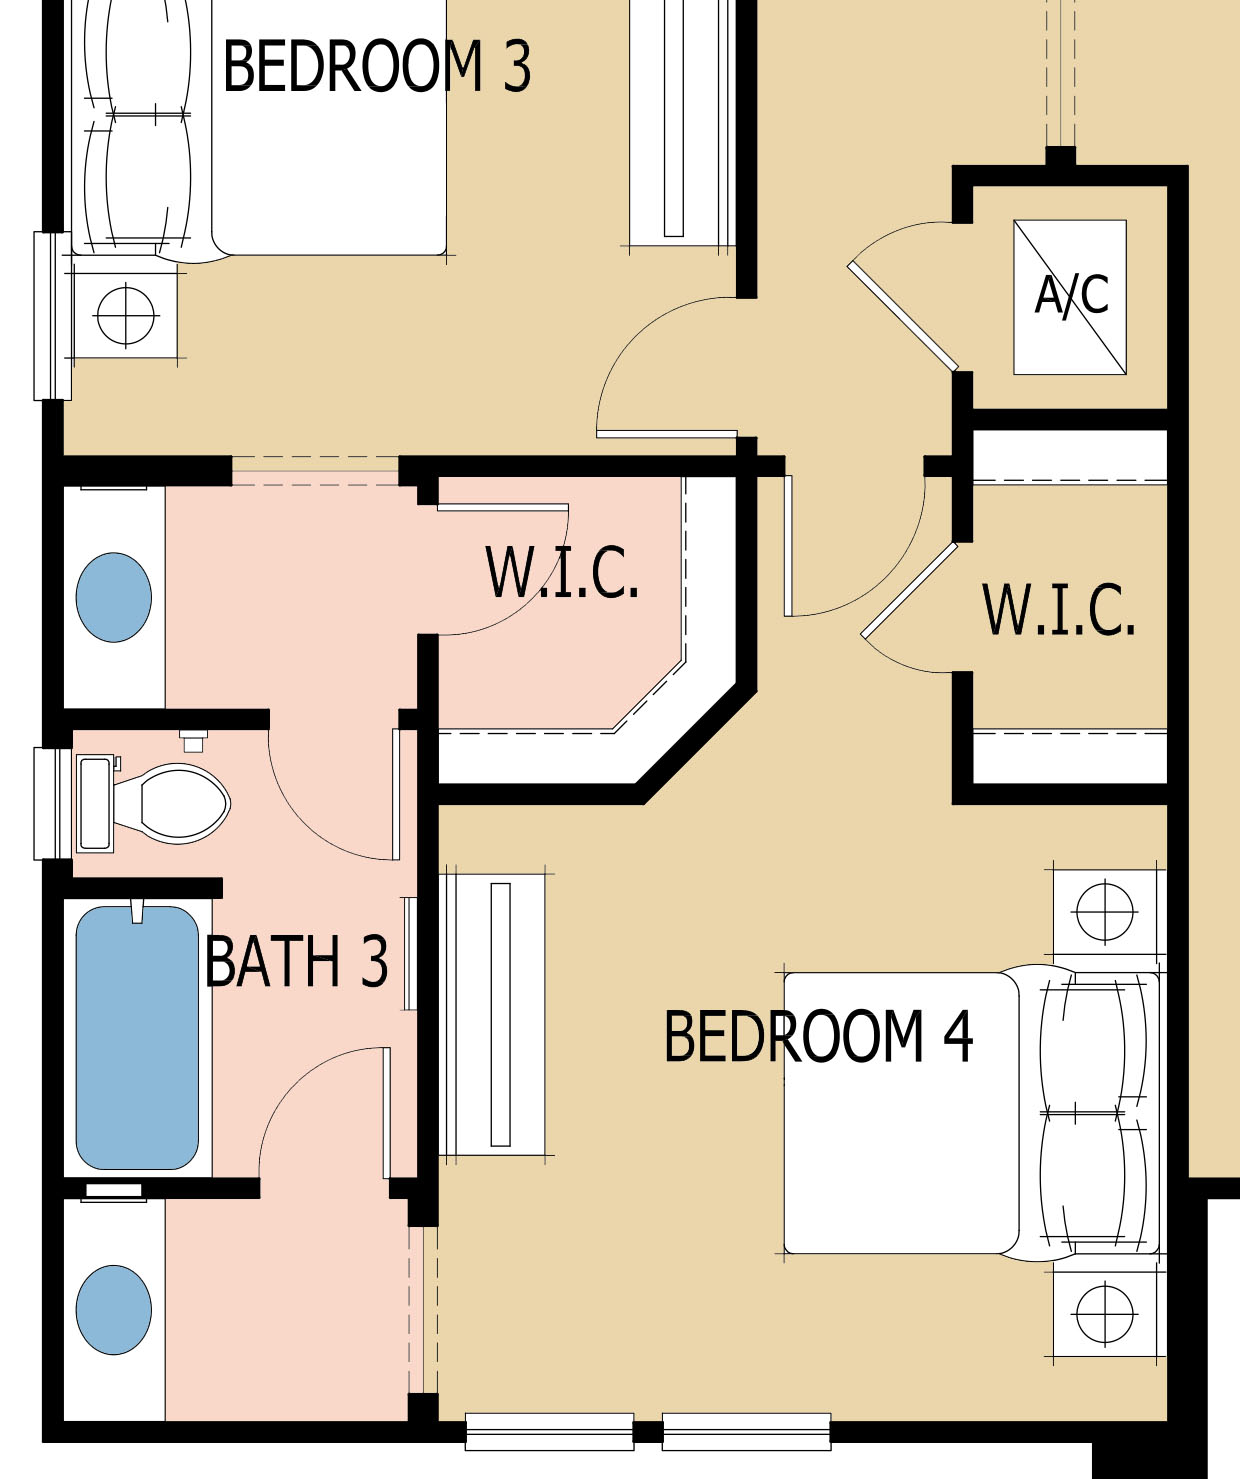 Jack & Jill – A Cautionary Tale Housing Design Matters